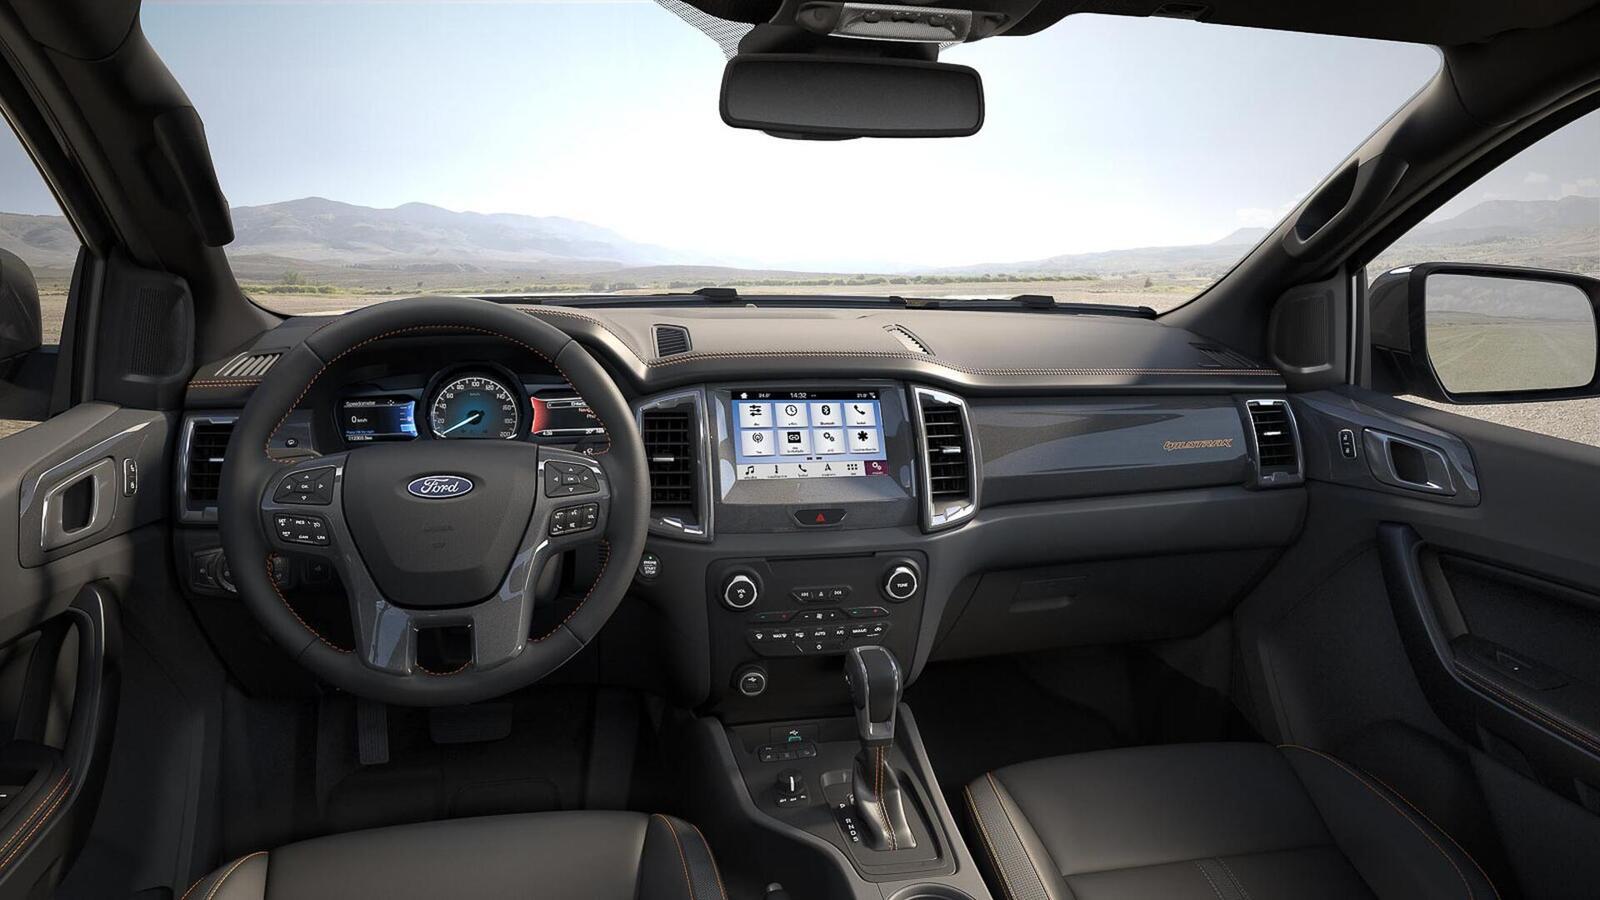 Ford Ranger đạt doanh số kỷ lục tại Châu Á Thái Bình Dương năm thứ 10 liên tiếp - Hình 11